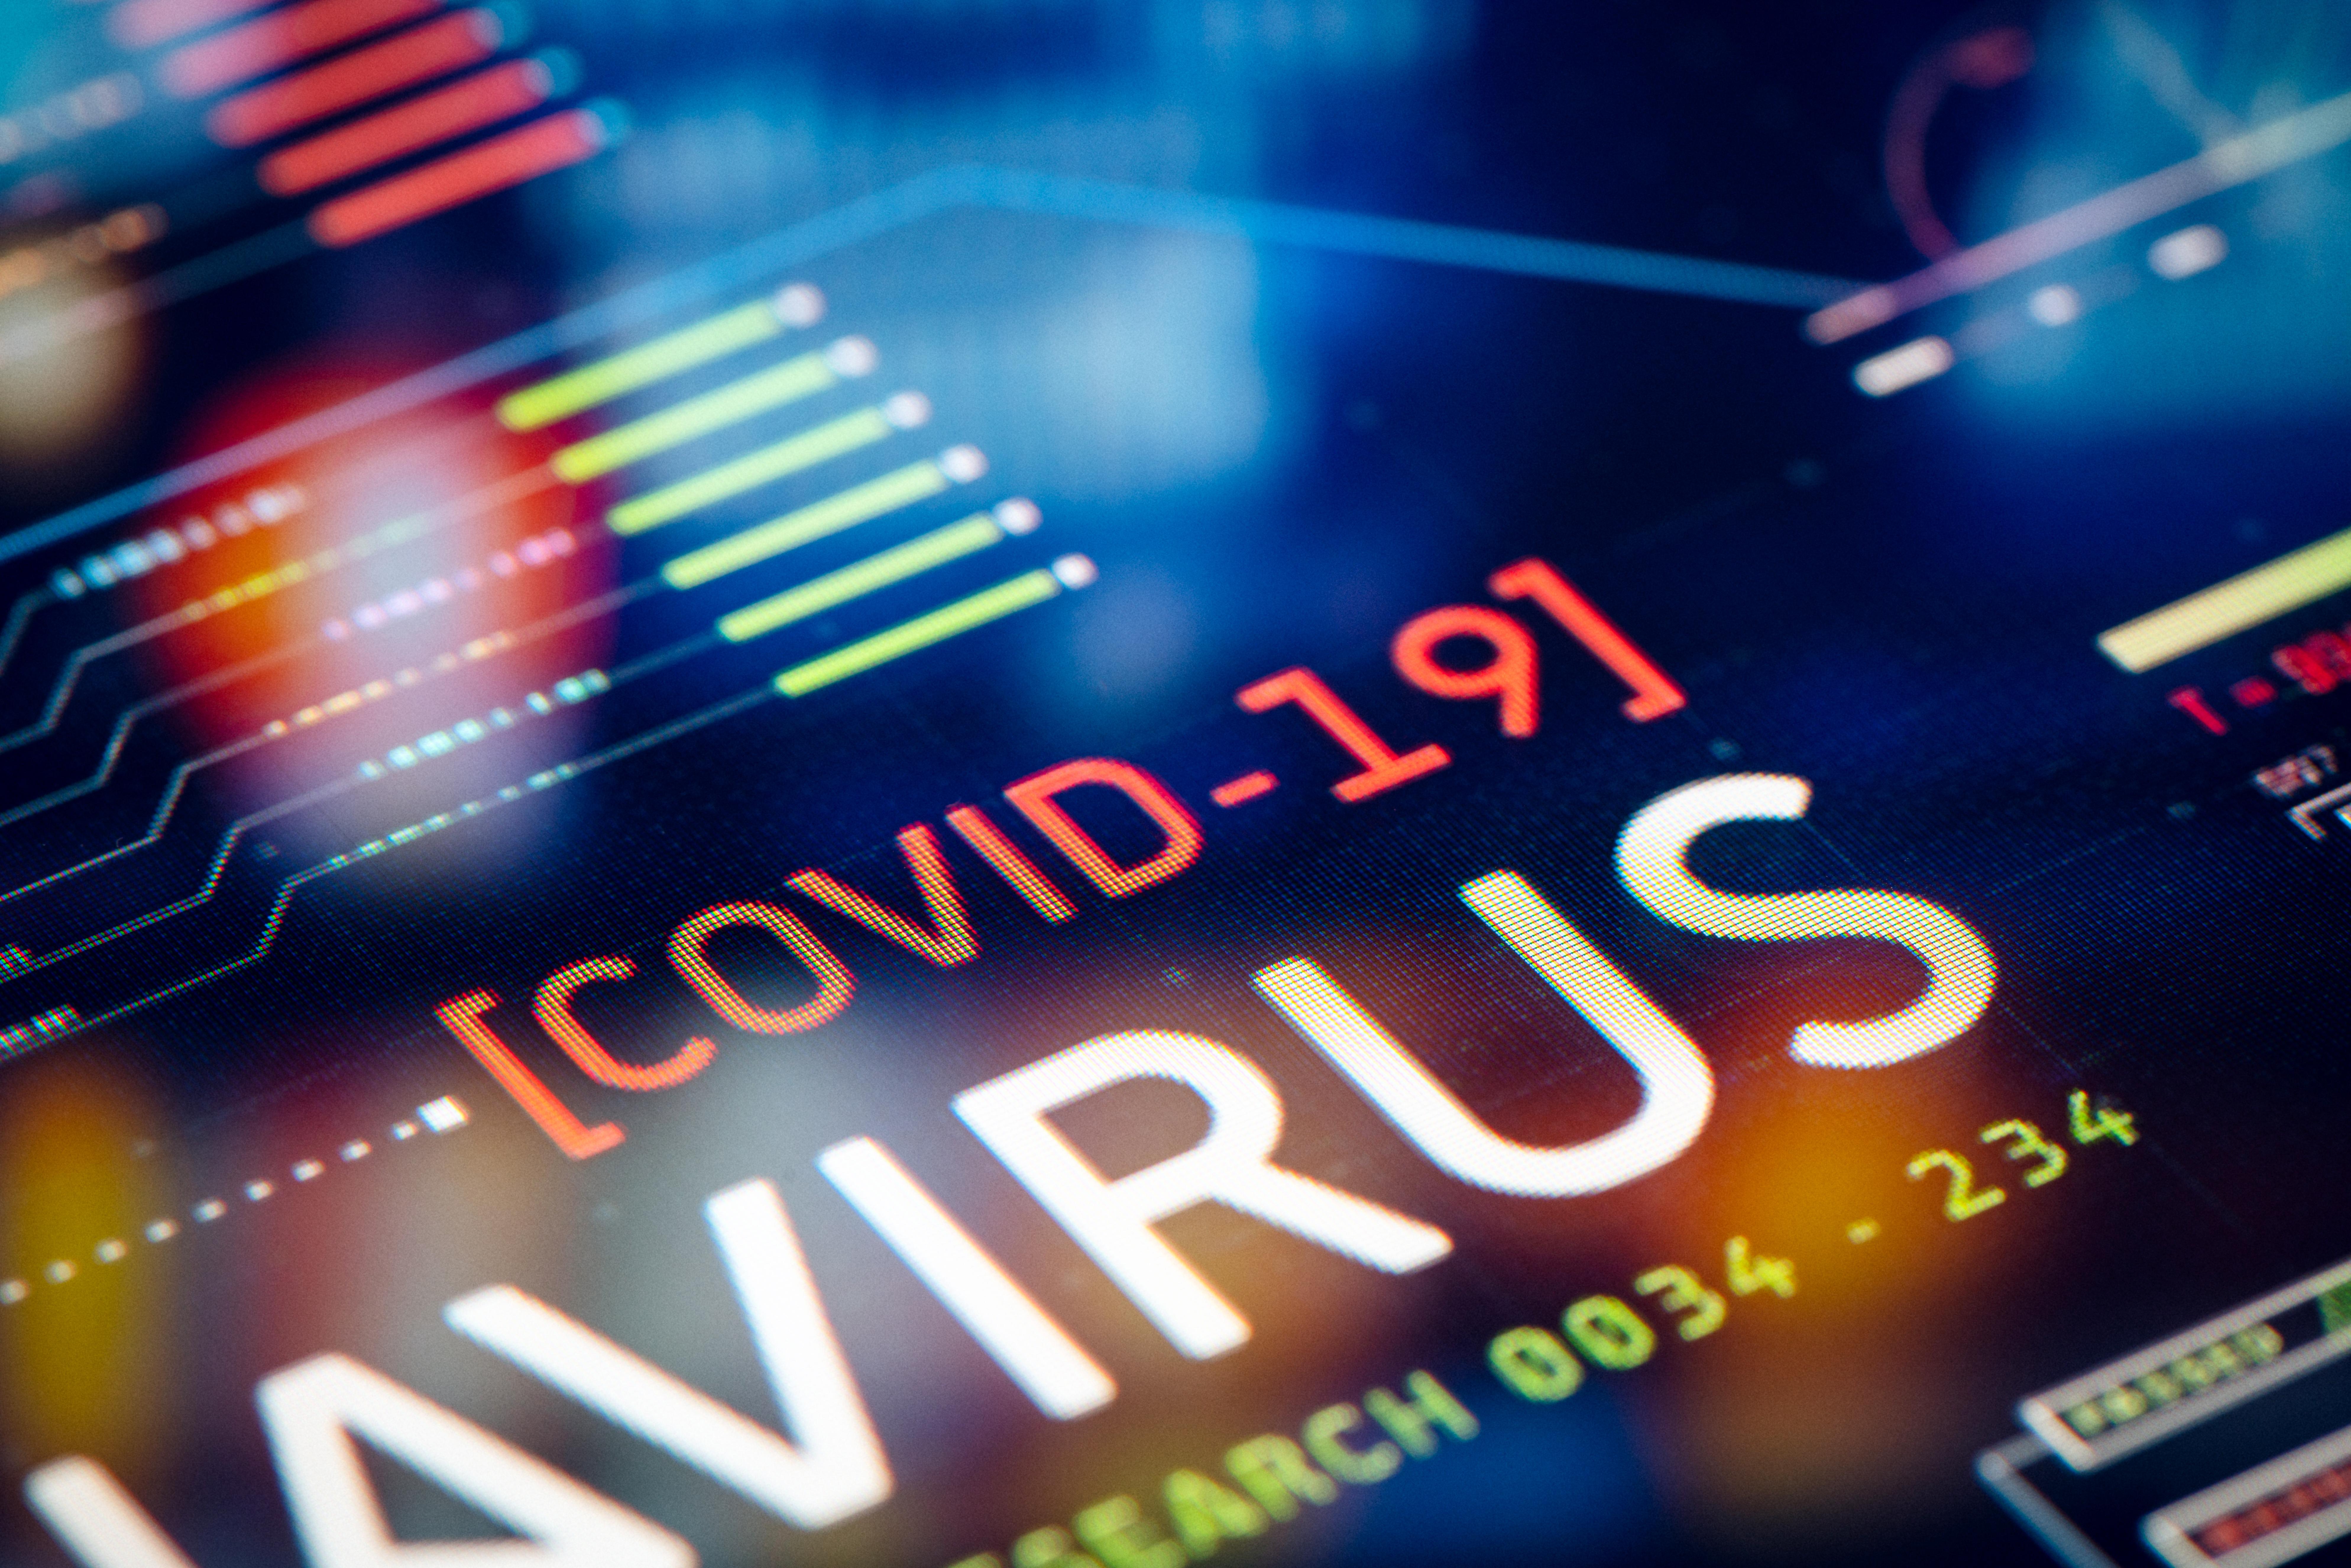 Prioridades na comunicação e recomendações sobre os possíveis efeitos do Coronavírus (COVID-19) no desempenho dos negócios